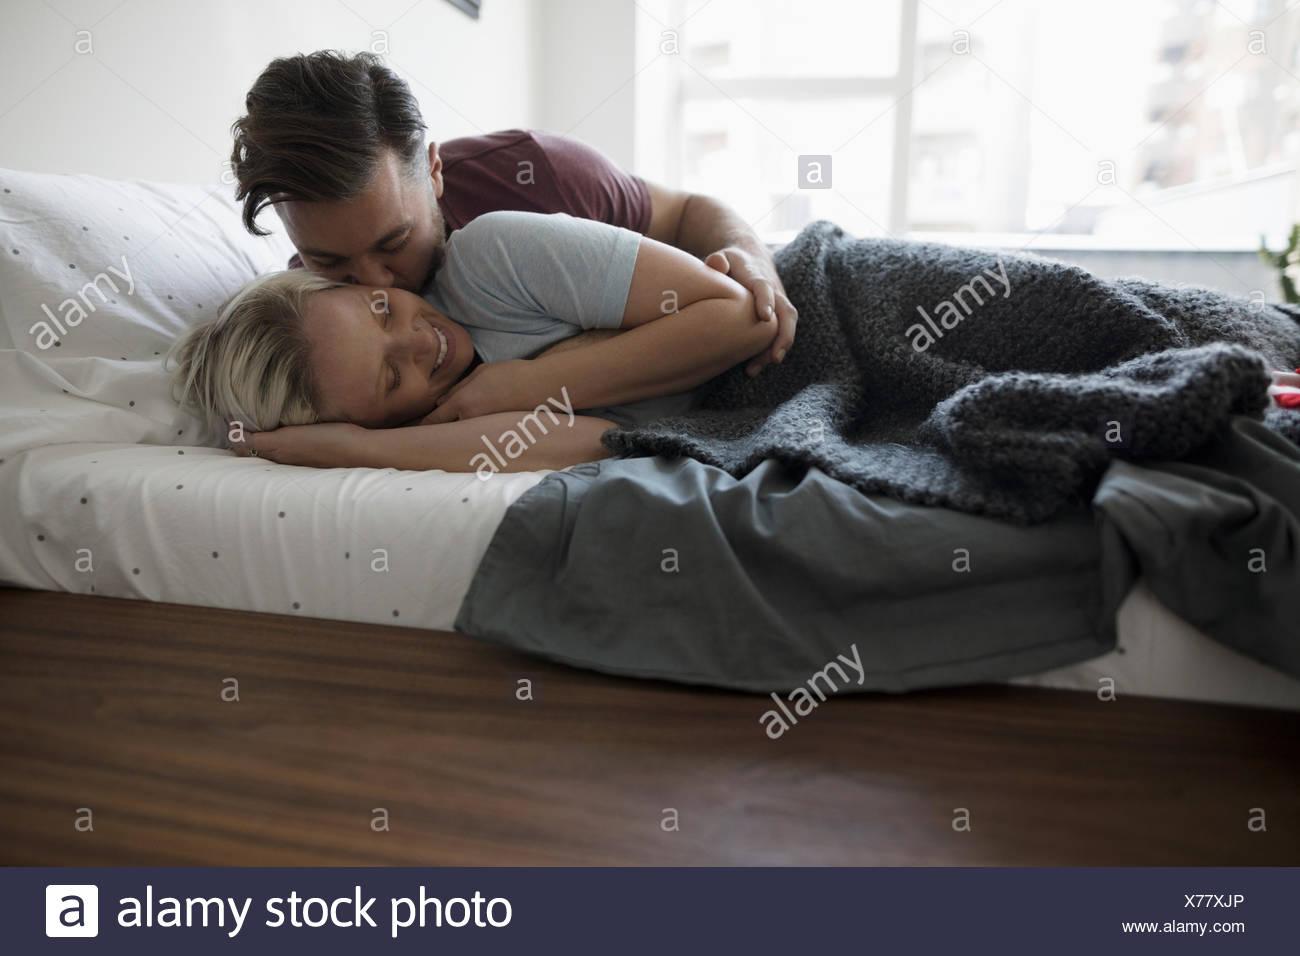 Affettuoso,coppia romantica baciare e coccole a letto Immagini Stock